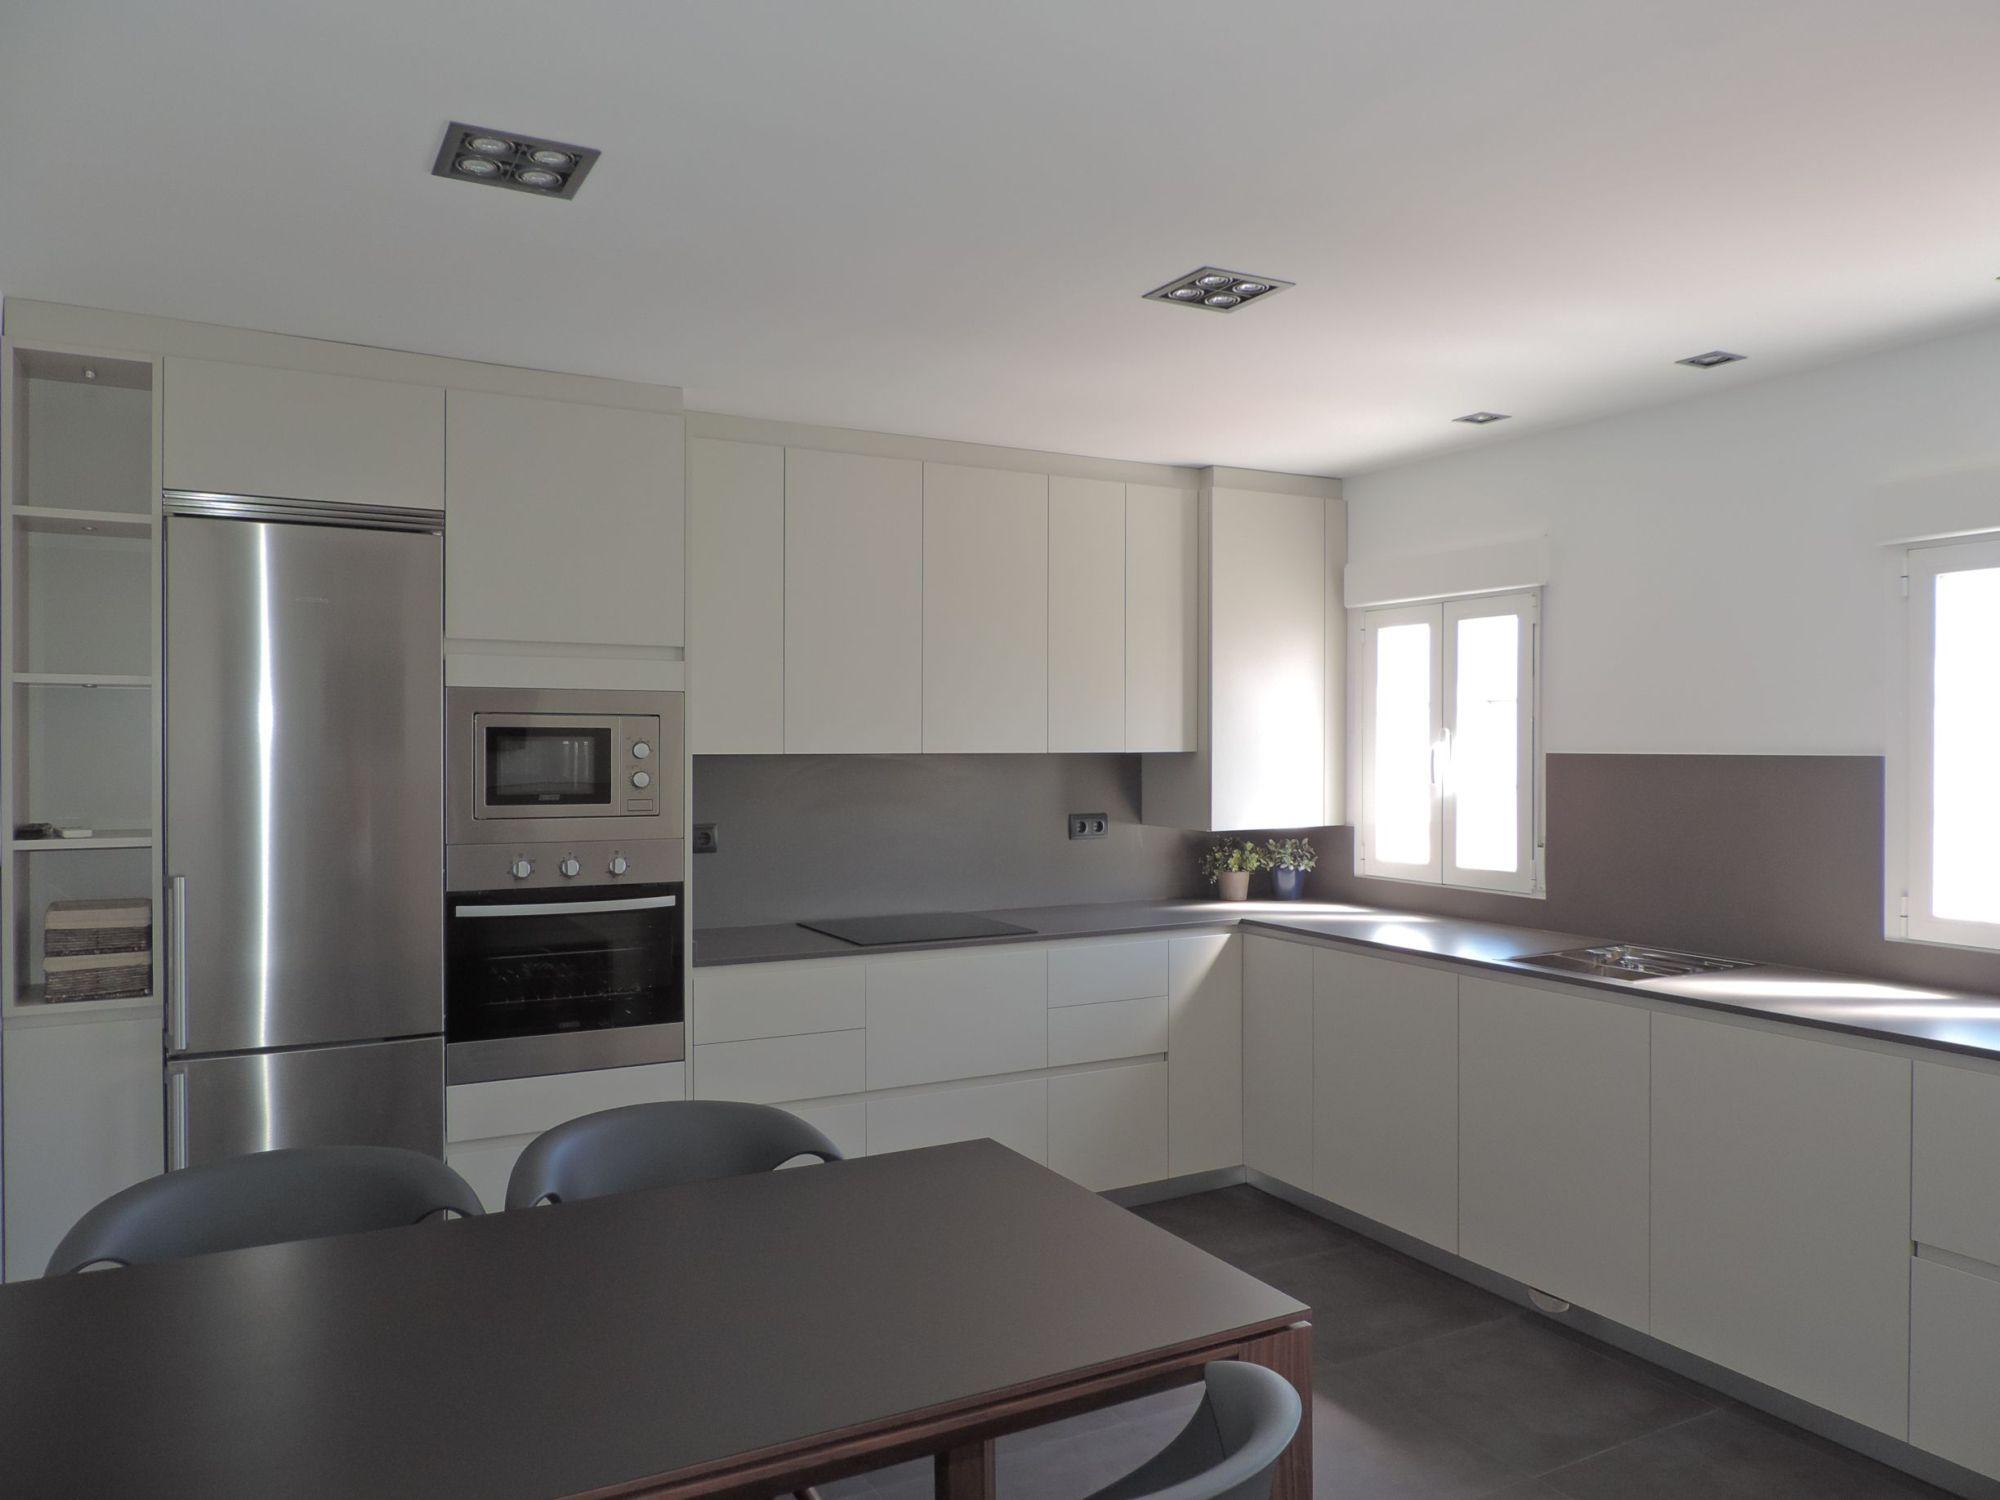 Reformas integrales de vivienda for Muestrario de cocinas